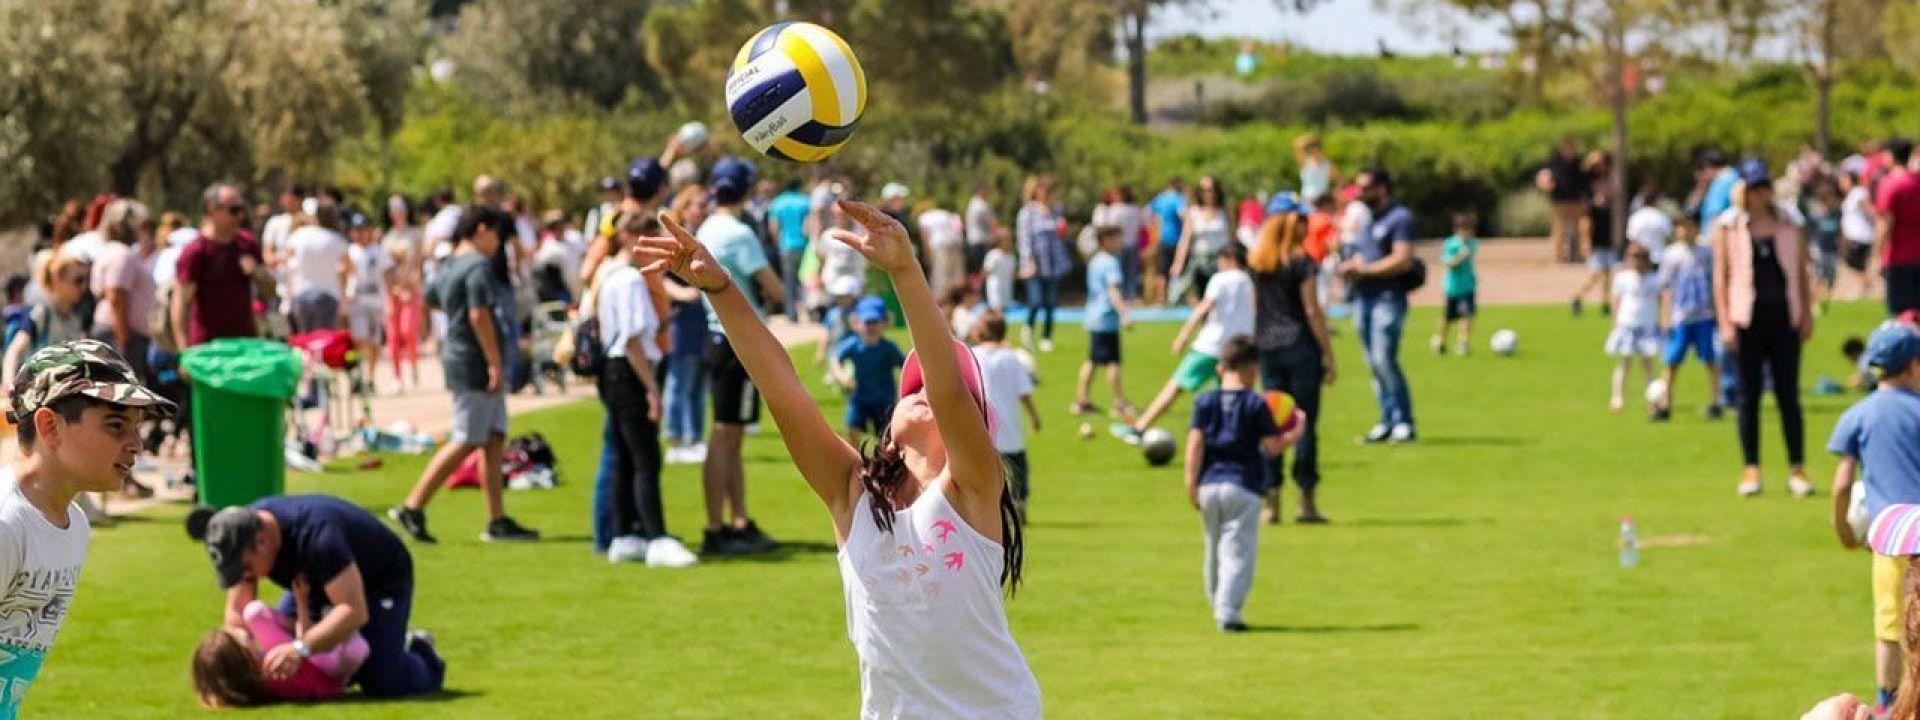 Φωτογραφία που απεικονίζει τη δραστηριότητα mini volley